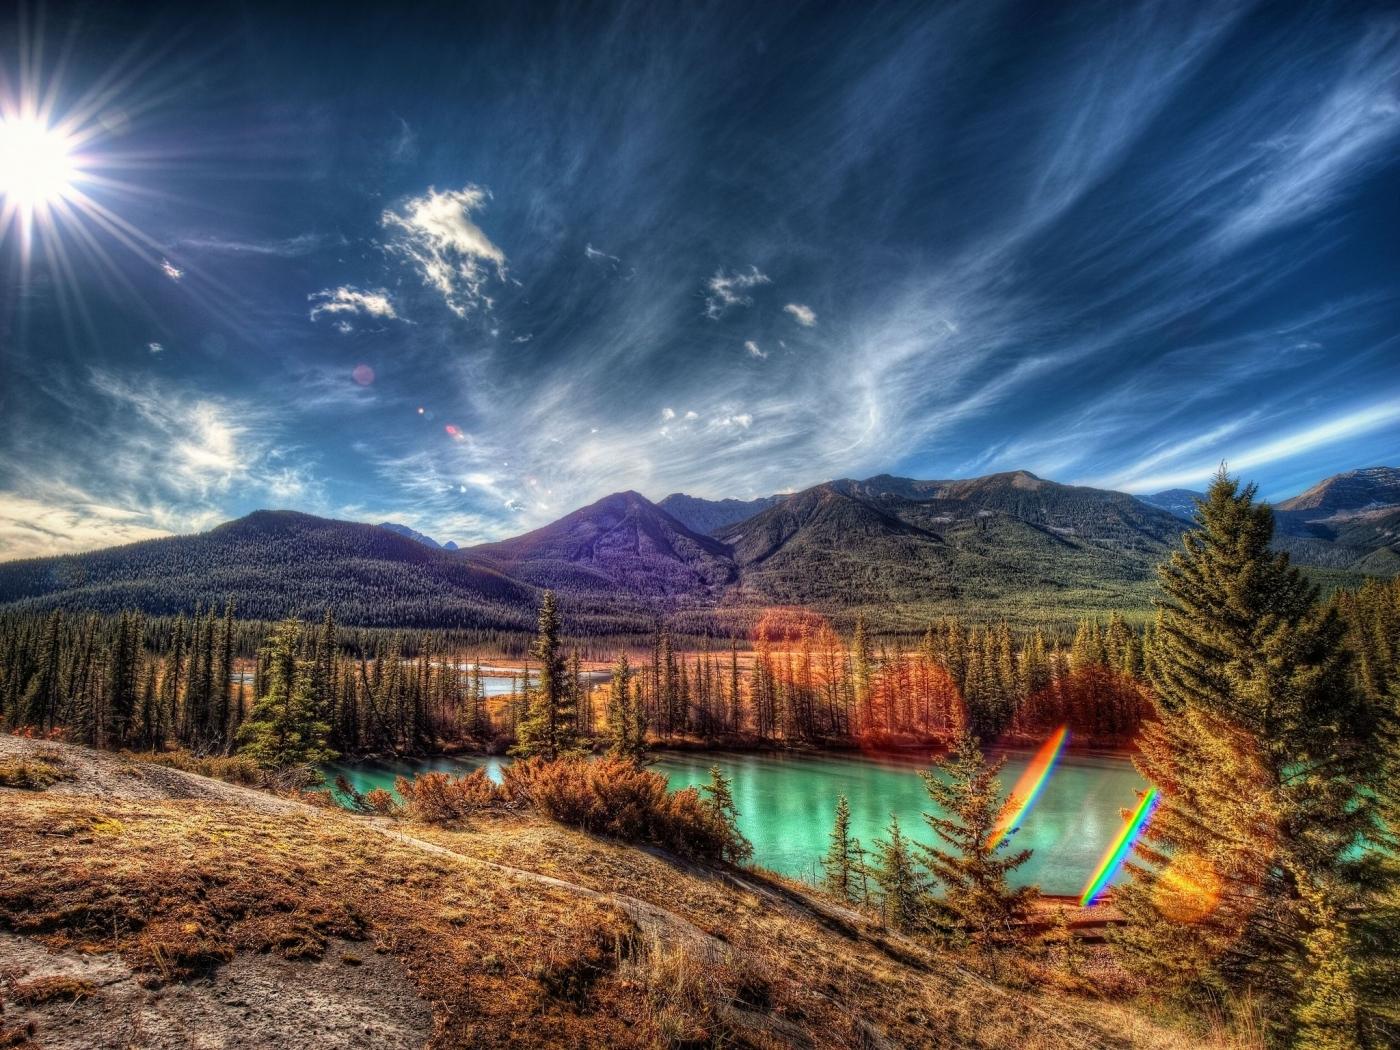 48797 Заставки и Обои Озера на телефон. Скачать Озера, Пейзаж, Природа, Горы картинки бесплатно